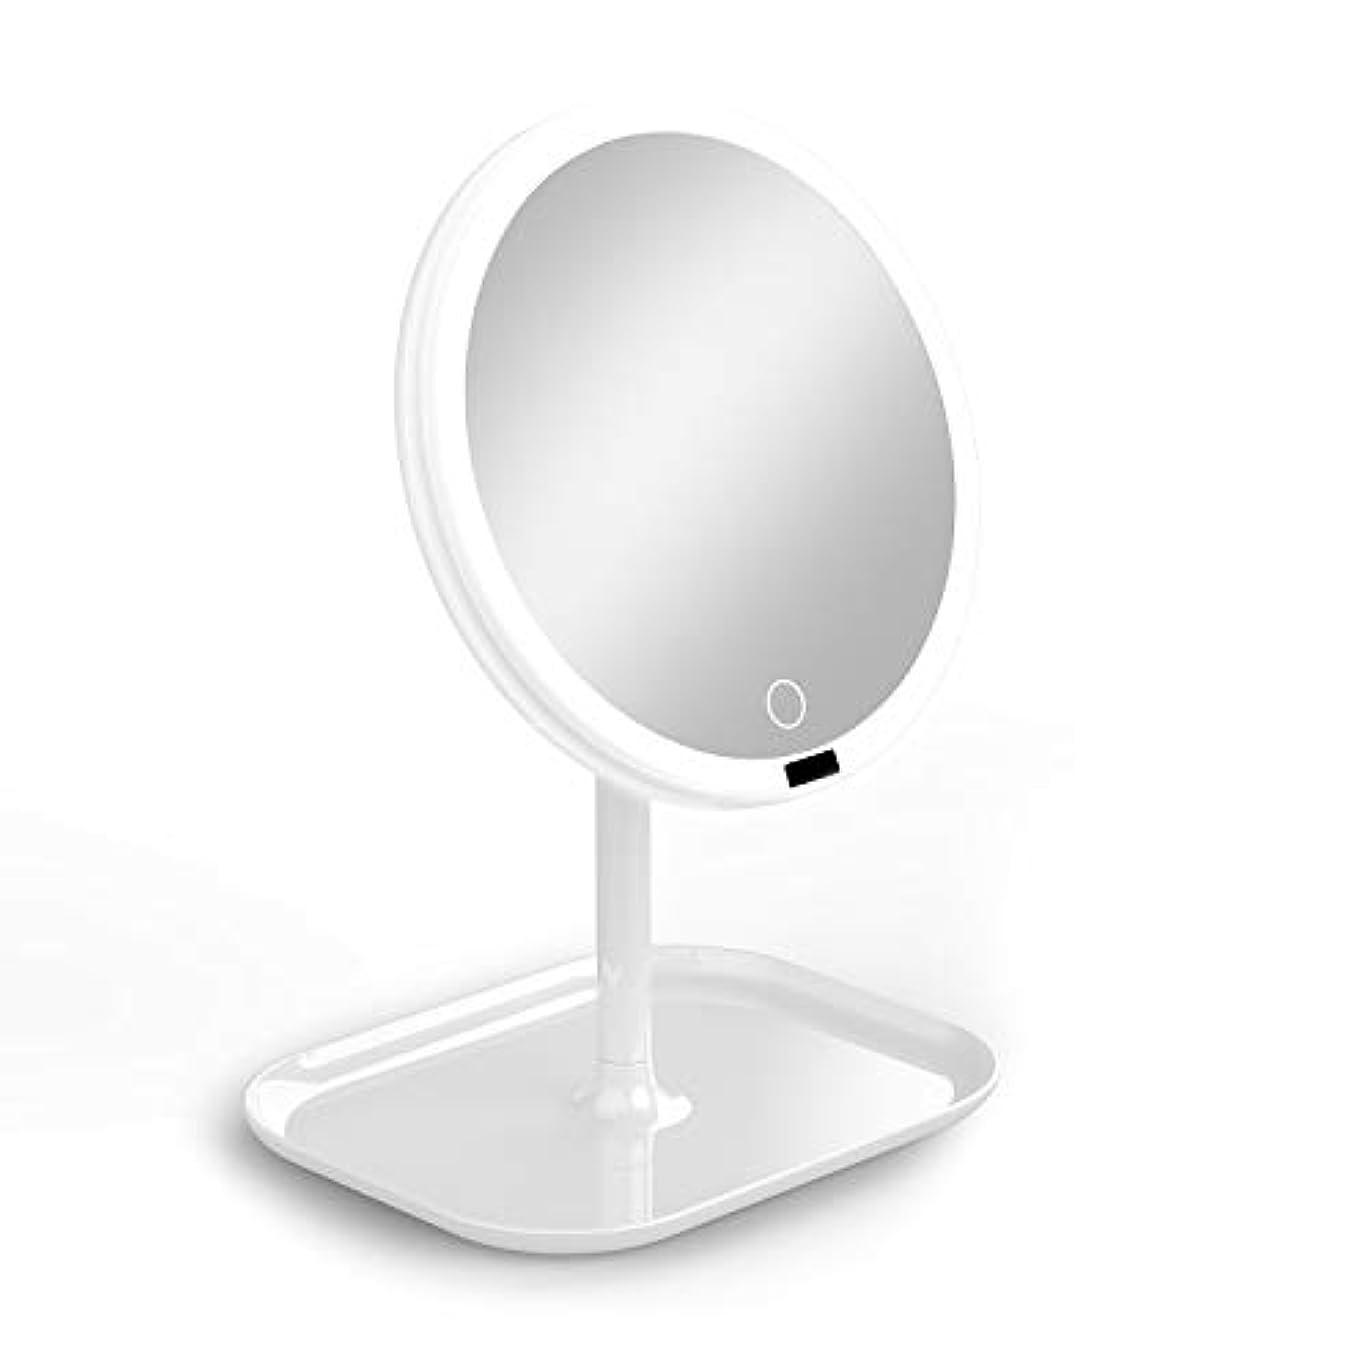 パッド医師つまずくLa Farah 化粧鏡 化粧ミラー LEDライト付き 卓上鏡 女優ミラー 3段階明るさ調節可能 180度回転 コードレス 充電式 円型